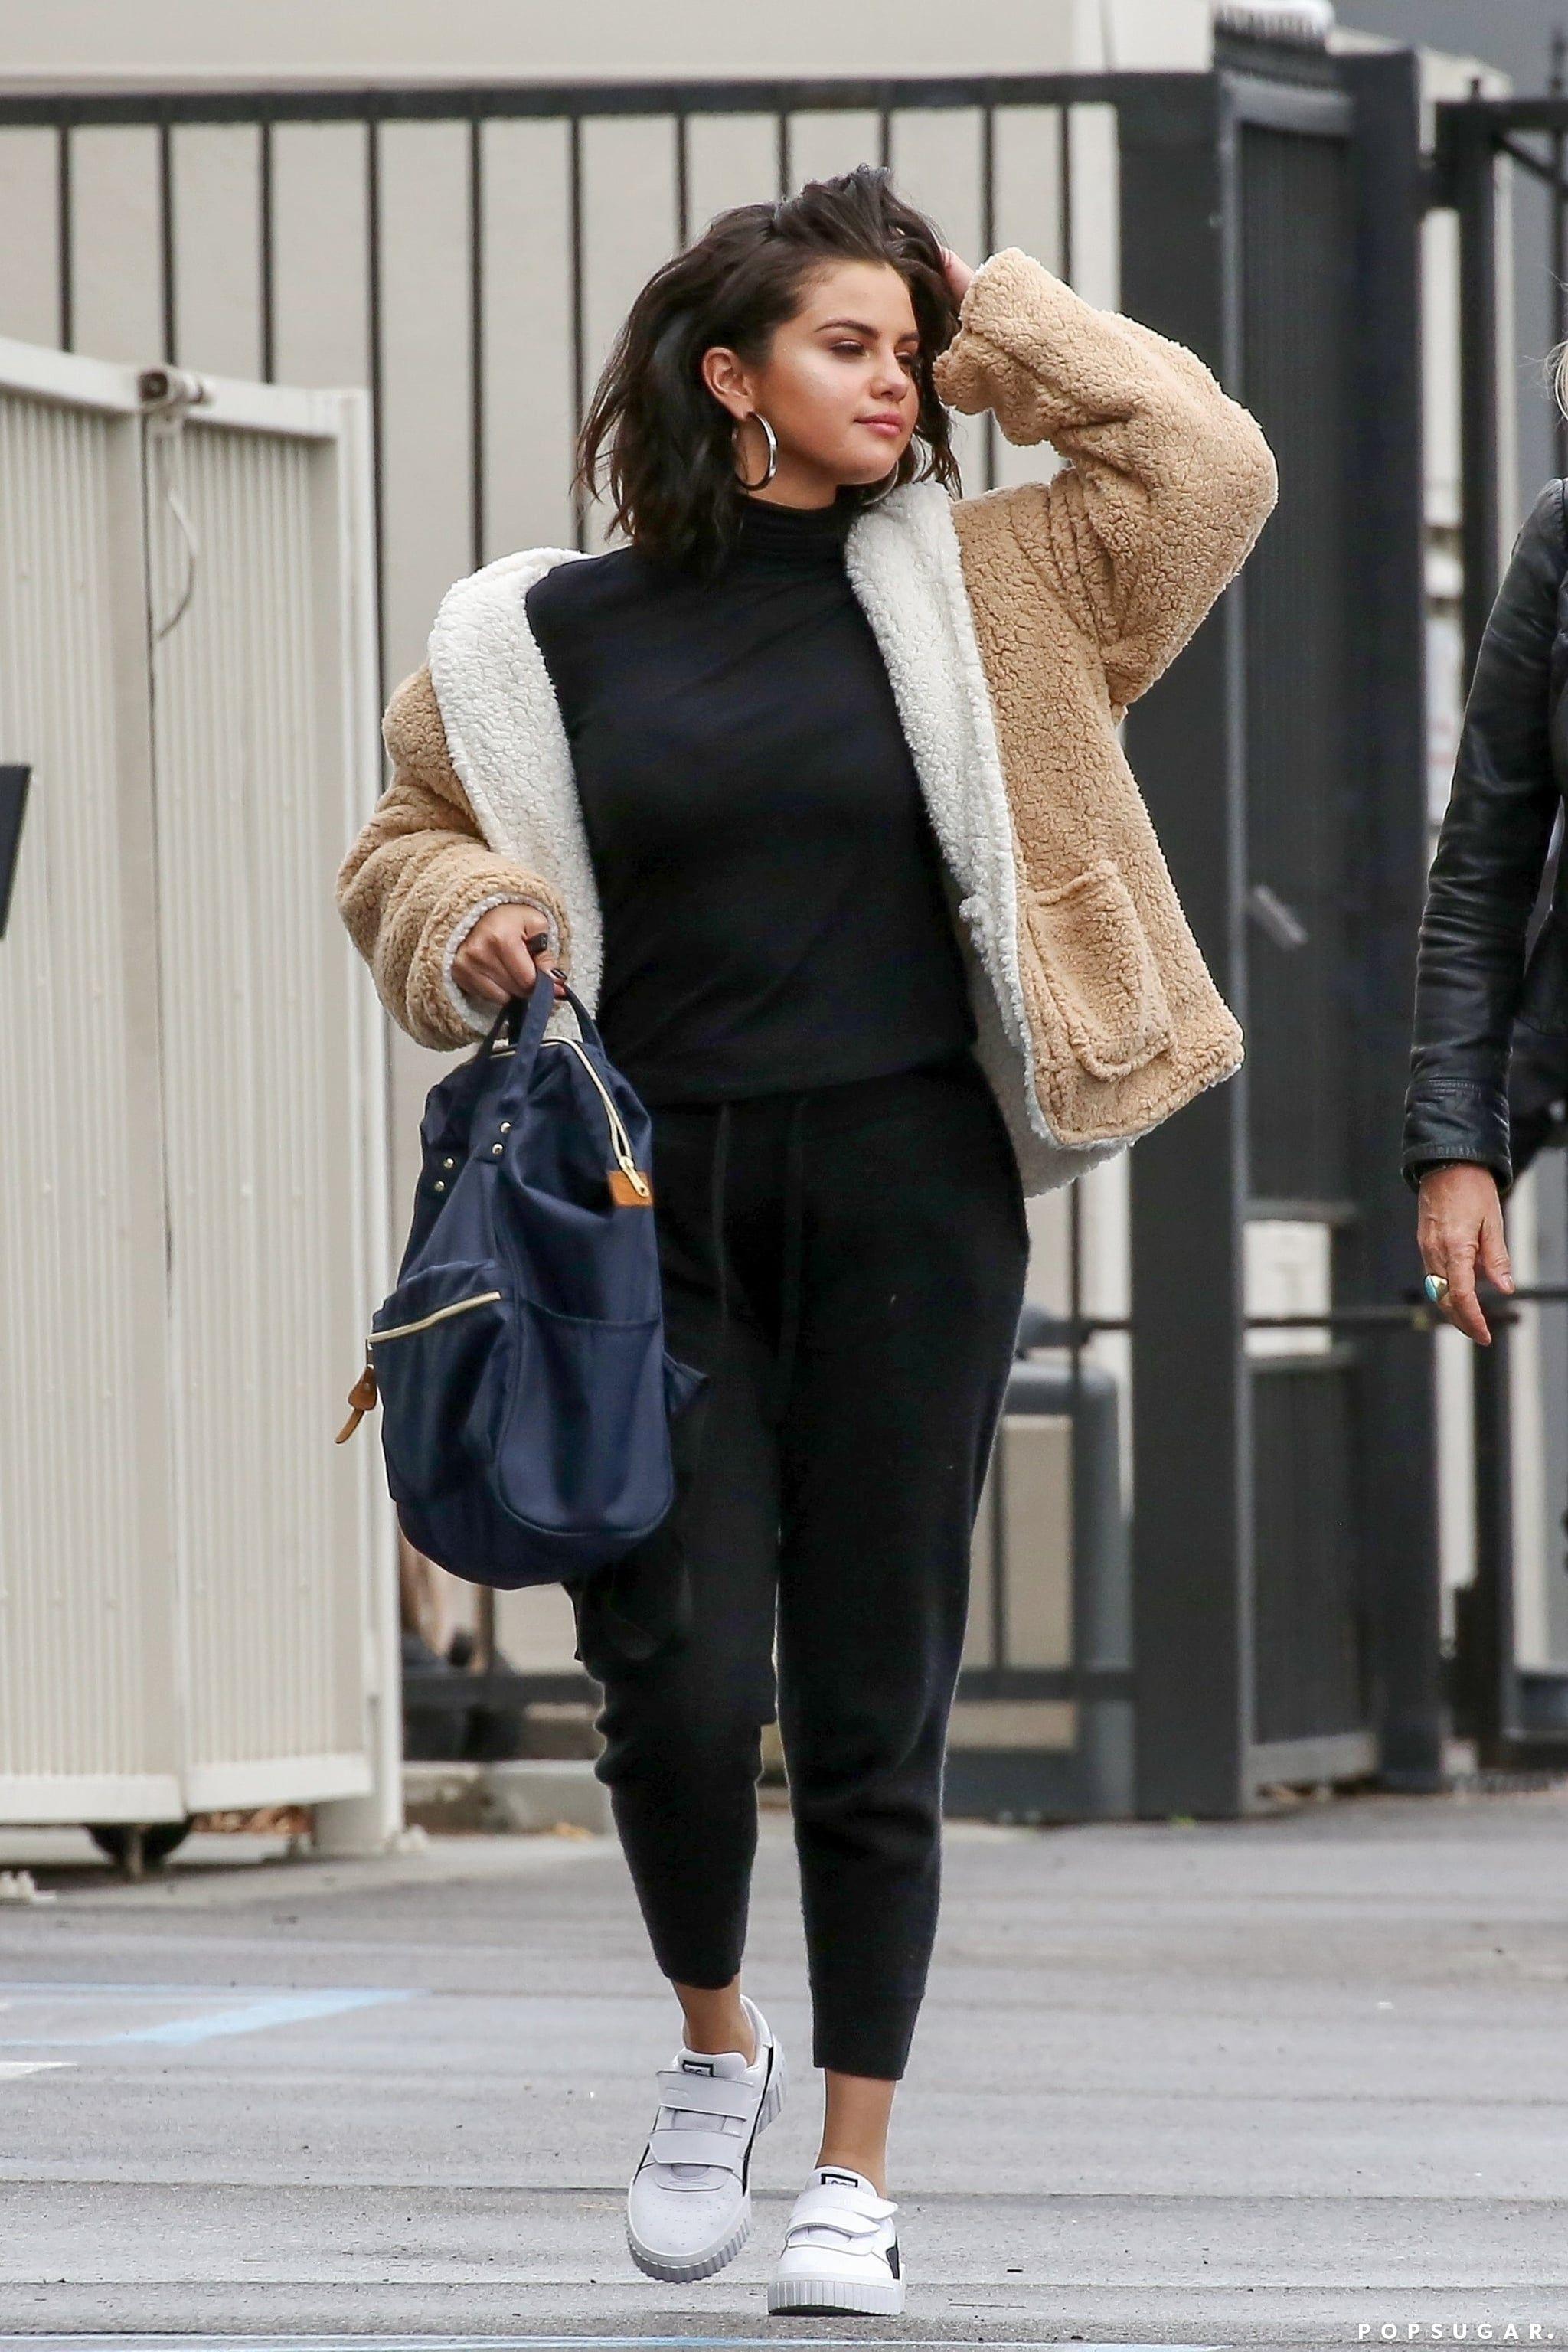 Selena Gomez Wears Fuzzy Jacket 2019 | Womens fashion | Selena gomez style, Selena gomez outfits ...